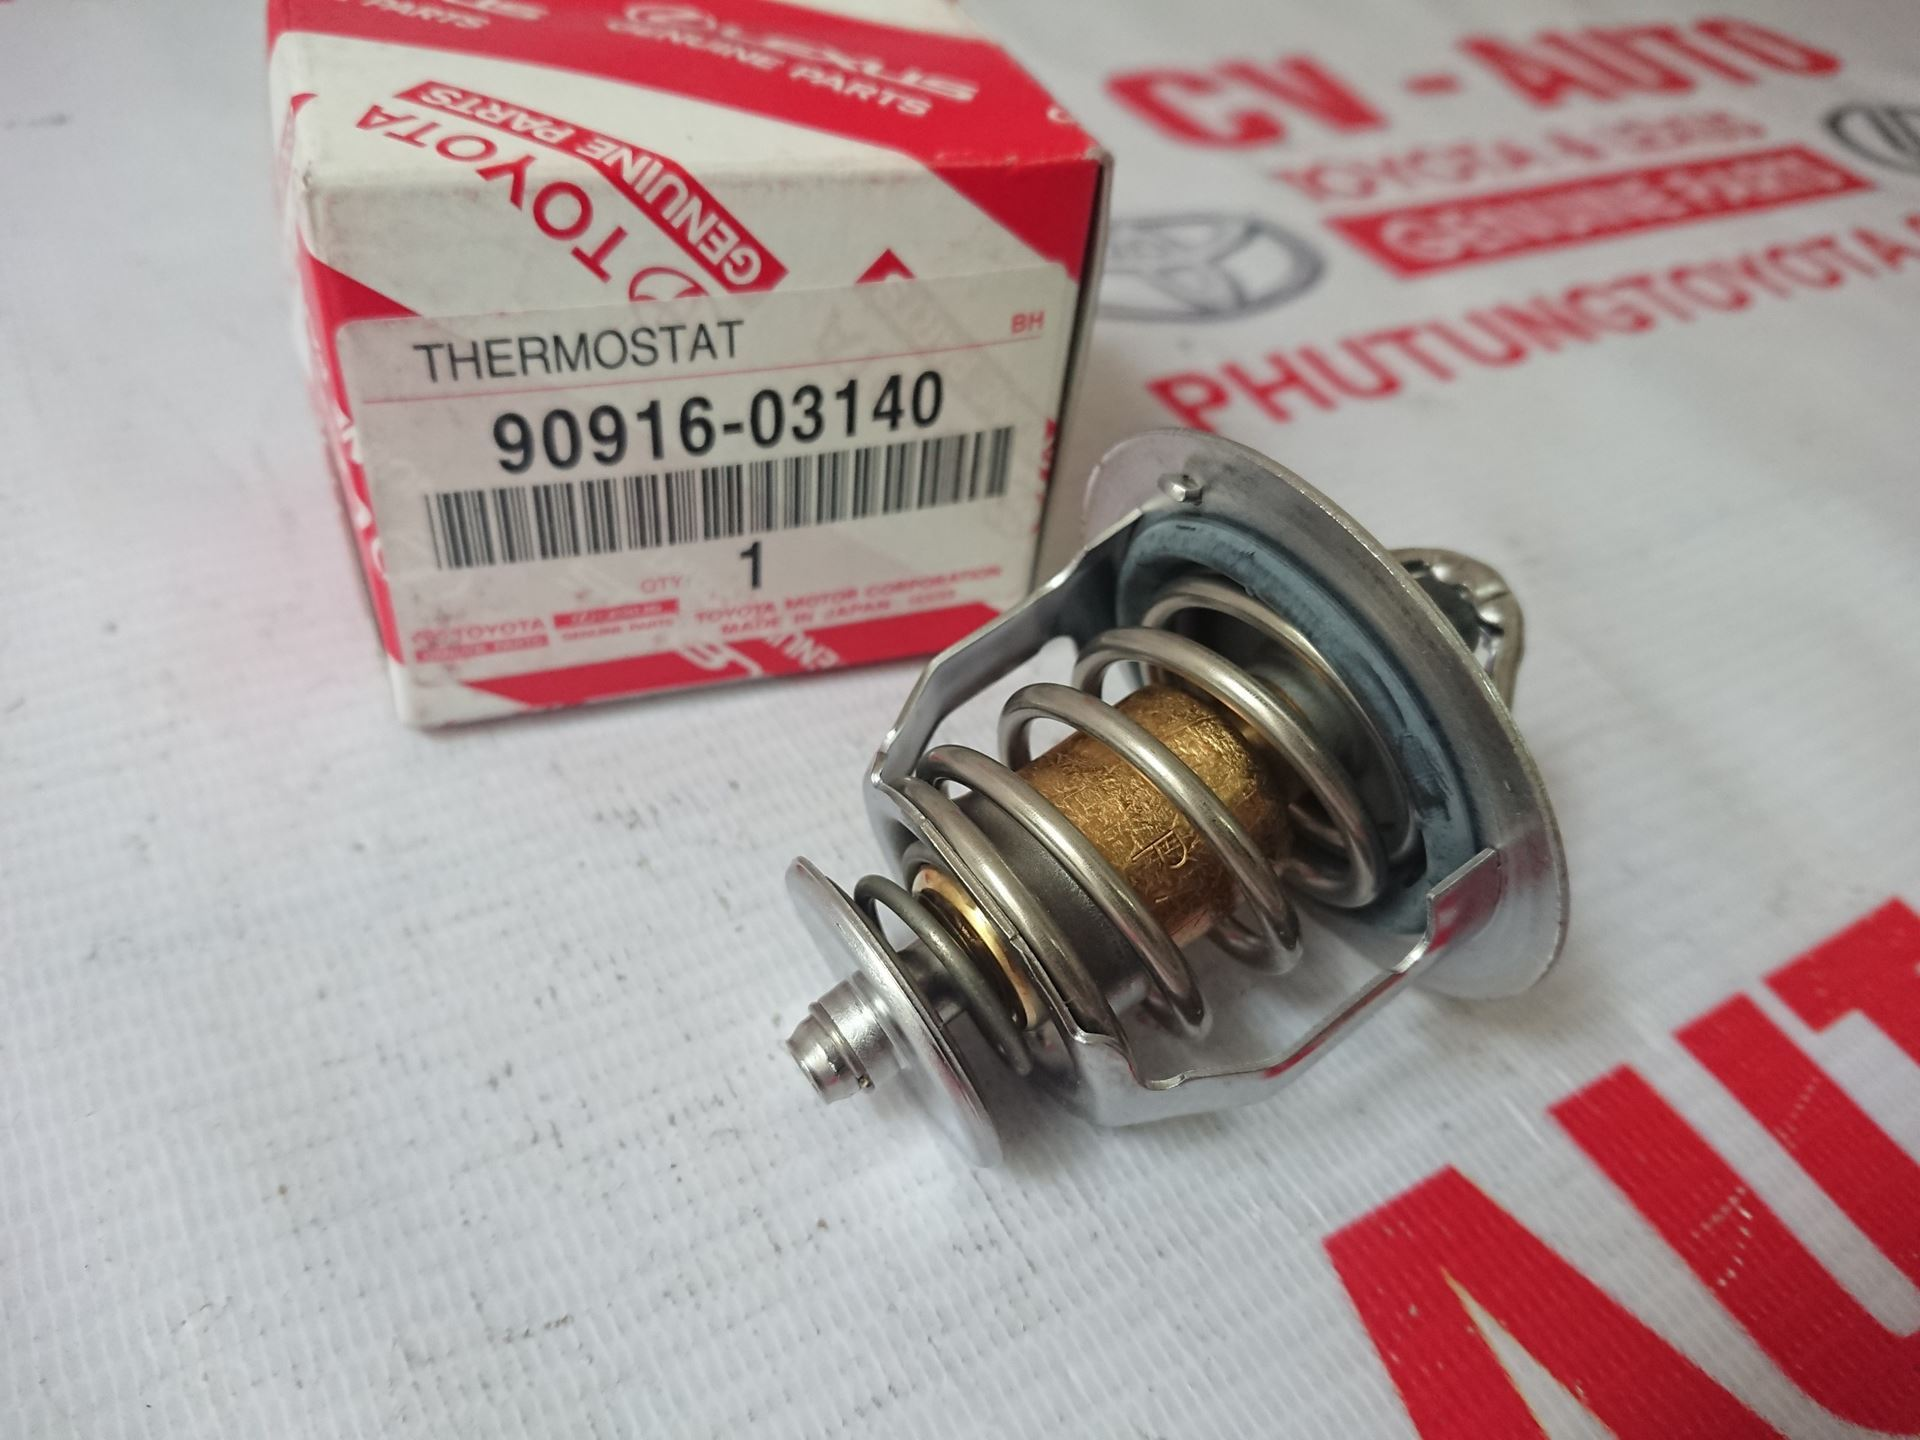 Picture of 90916-03140 Van hằng nhiệt động cơ 2GR hàng chính hãng